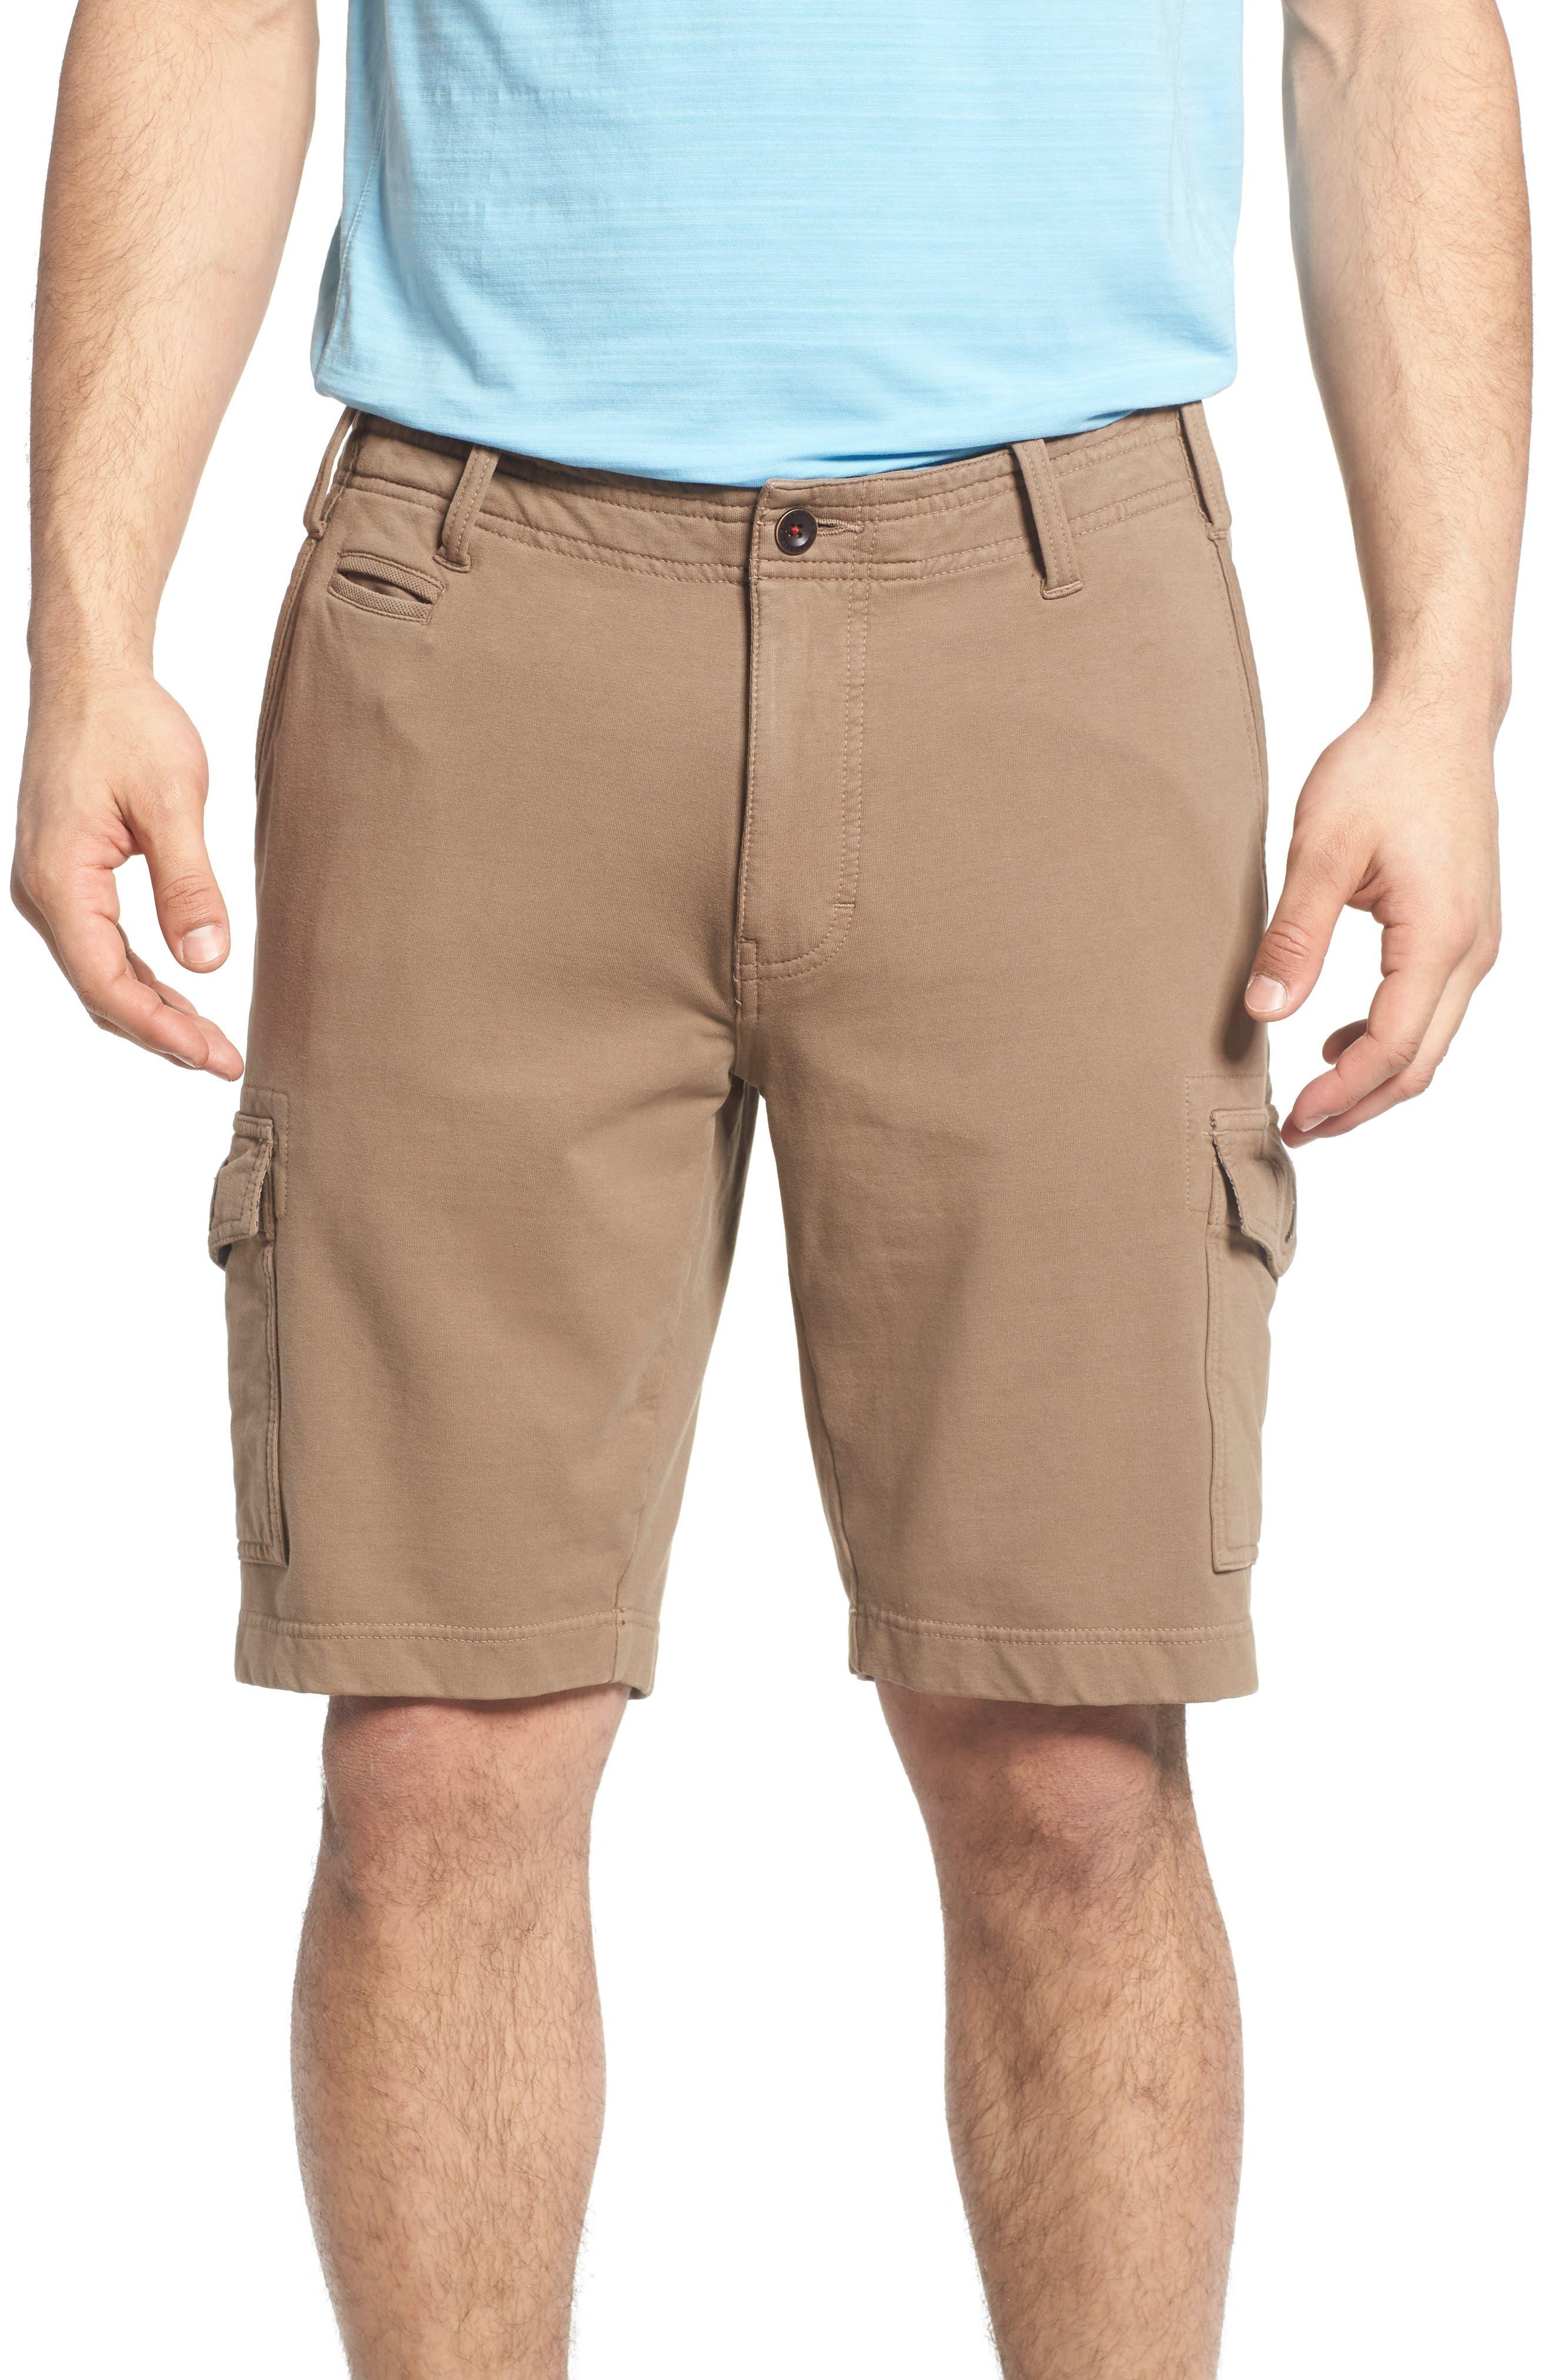 Carlton Knit Cargo Shorts,                             Main thumbnail 1, color,                             249